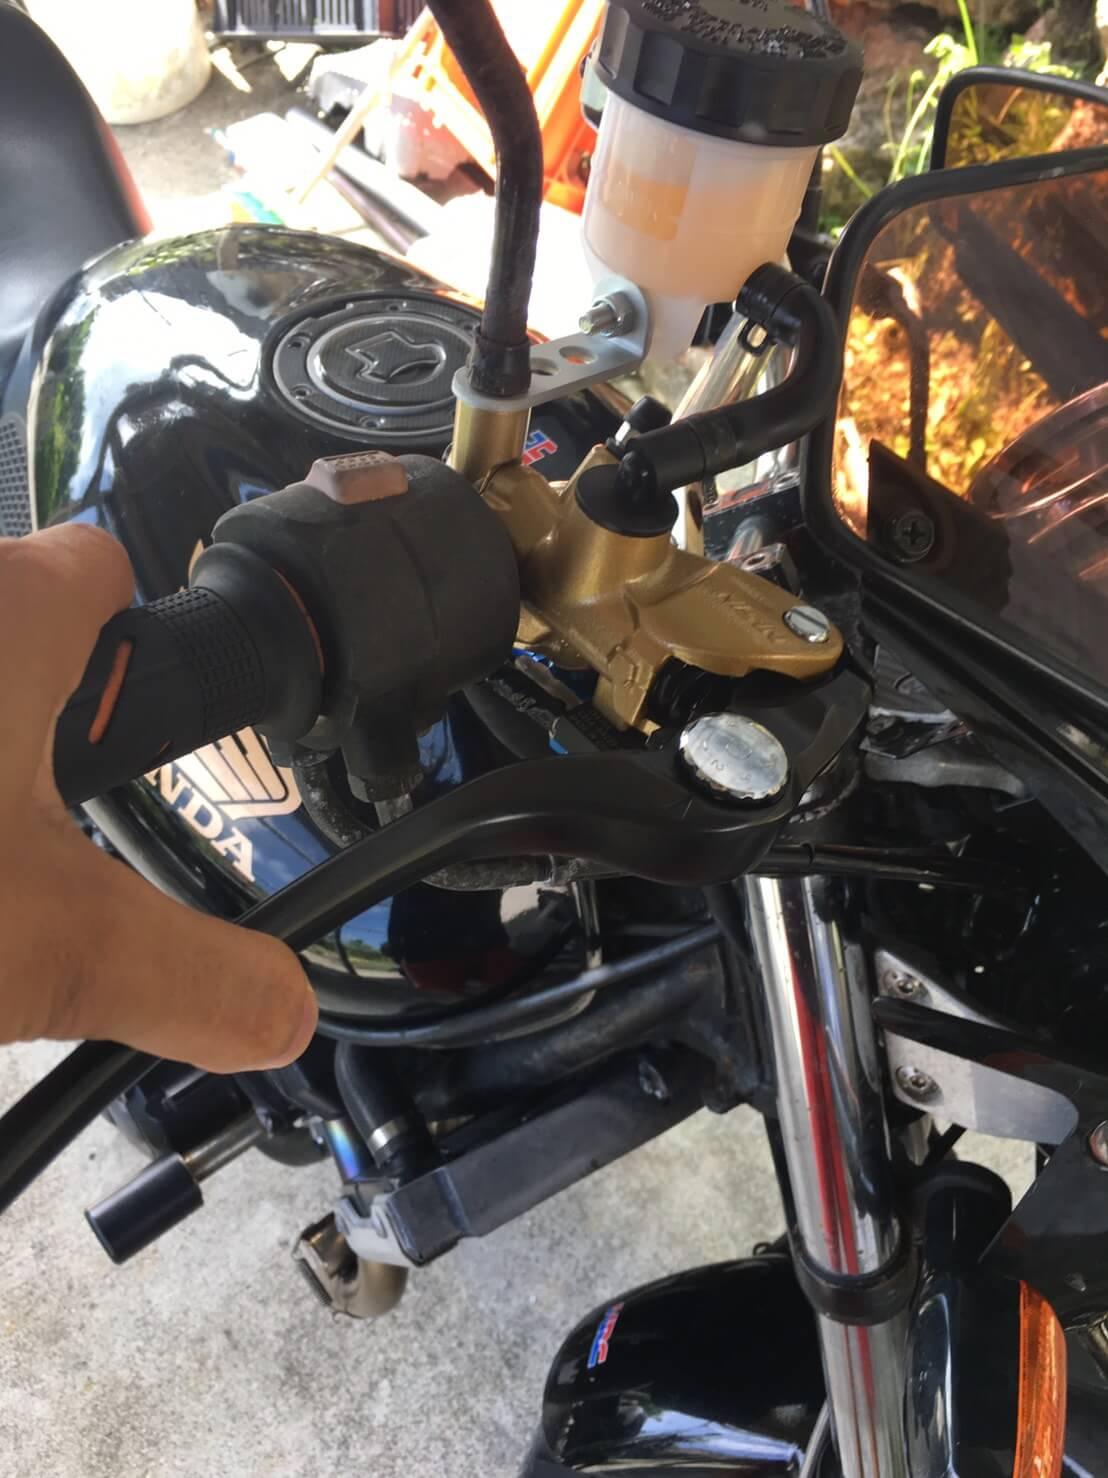 ブレーキの利きがアップ!デイトナ製ラジアルマスターをレビュー